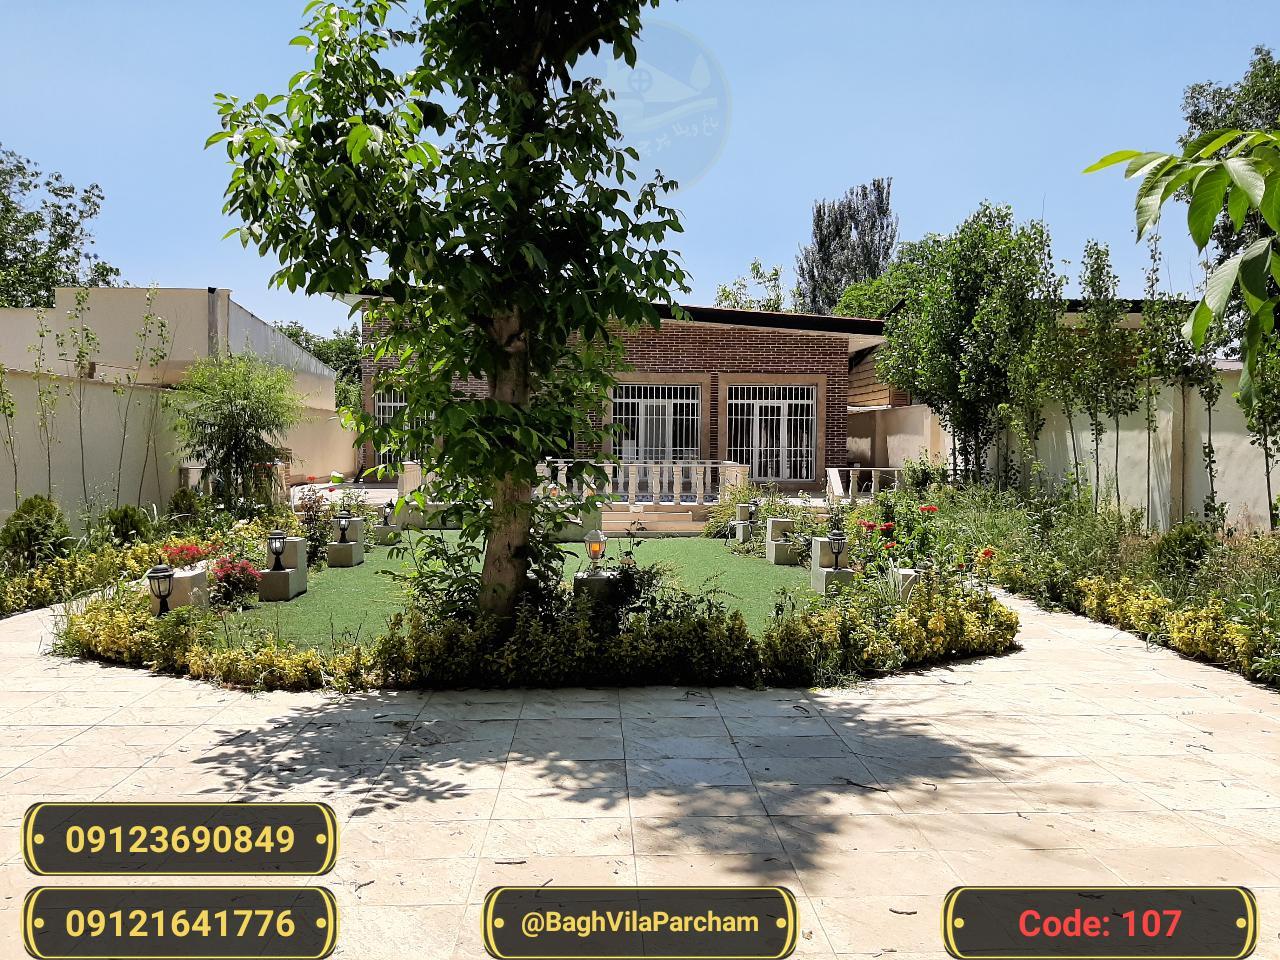 تصویر عکس باغ ویلا شماره 10 از ویلای ۵۰۰ متر ویلا Picture photo image 10 of ۵۰۰ متر ویلا